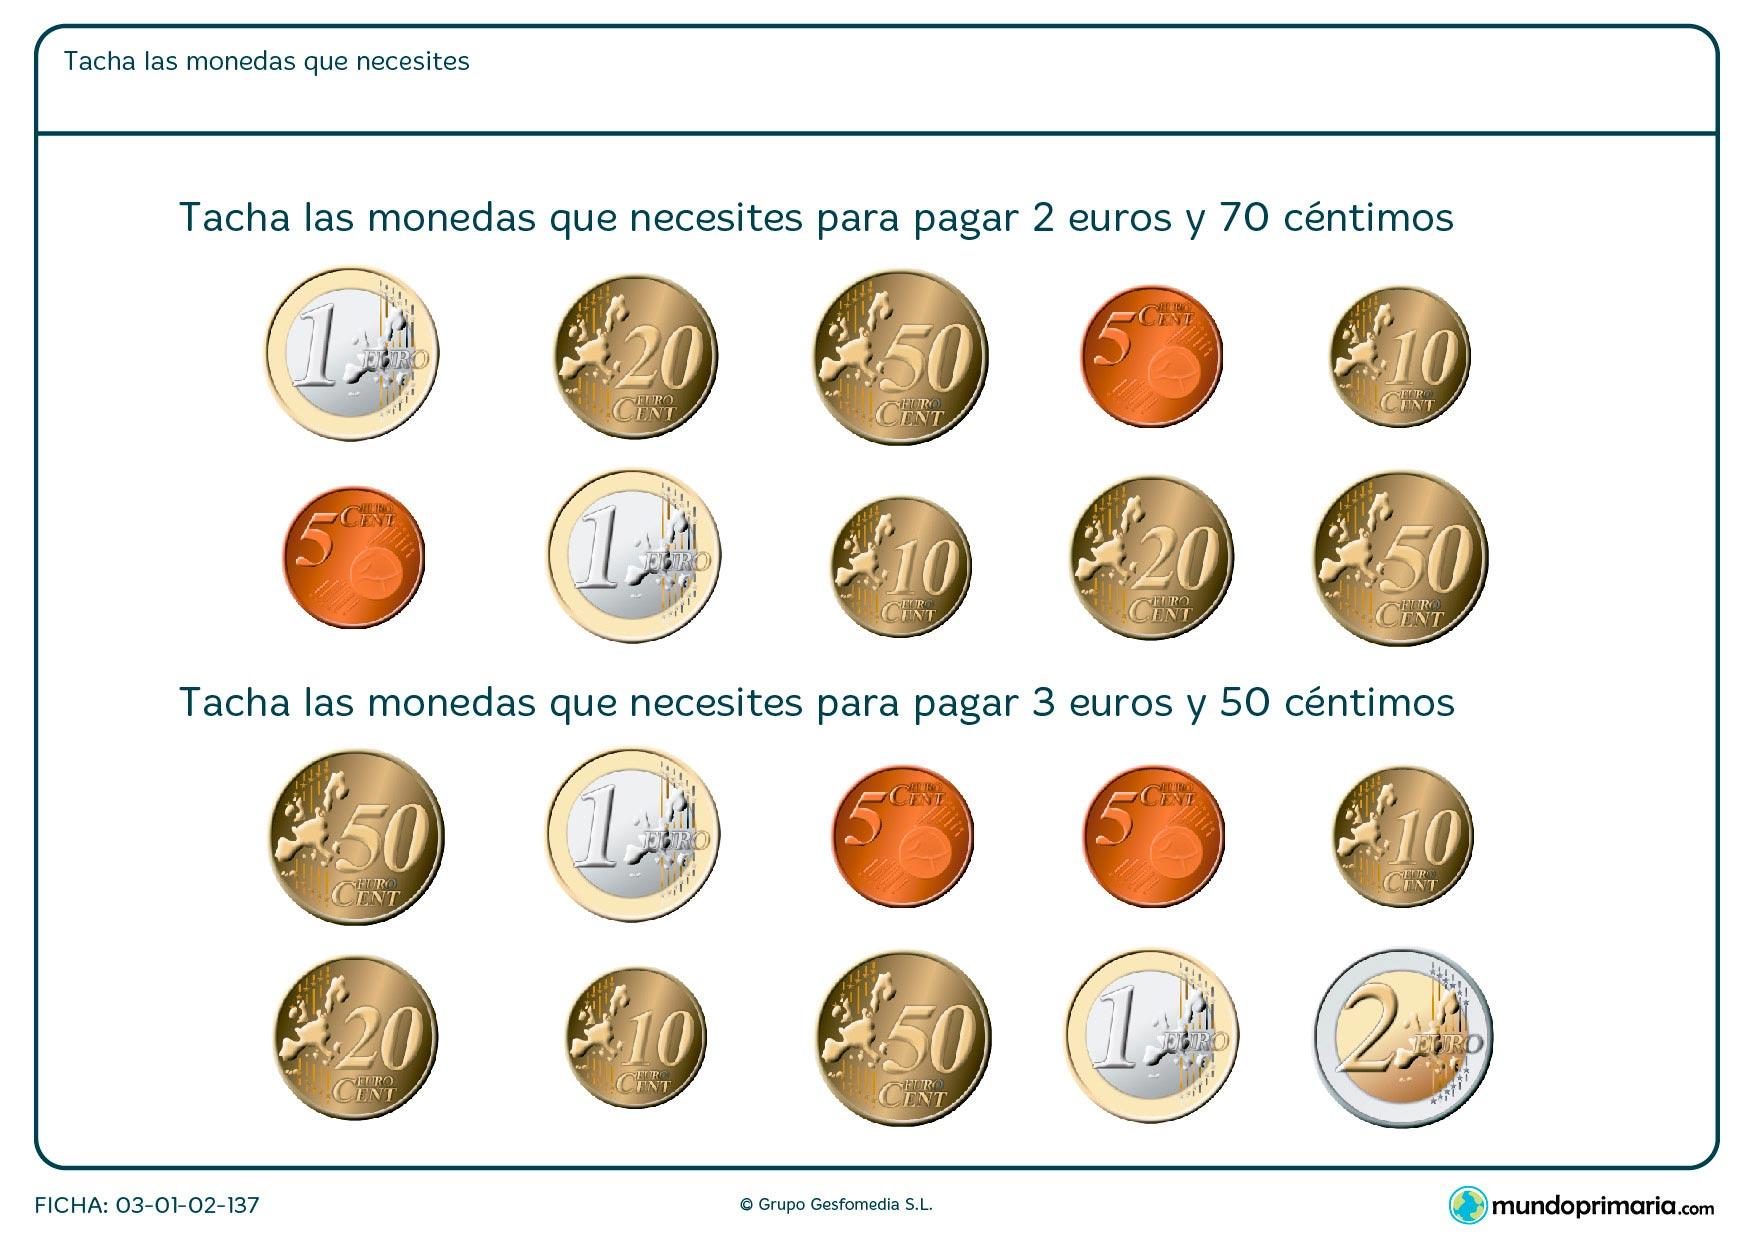 Ficha de elegir qué monedas son necesarias en la que hay que tachar los dibujos de estas monedas en función del enunciado.